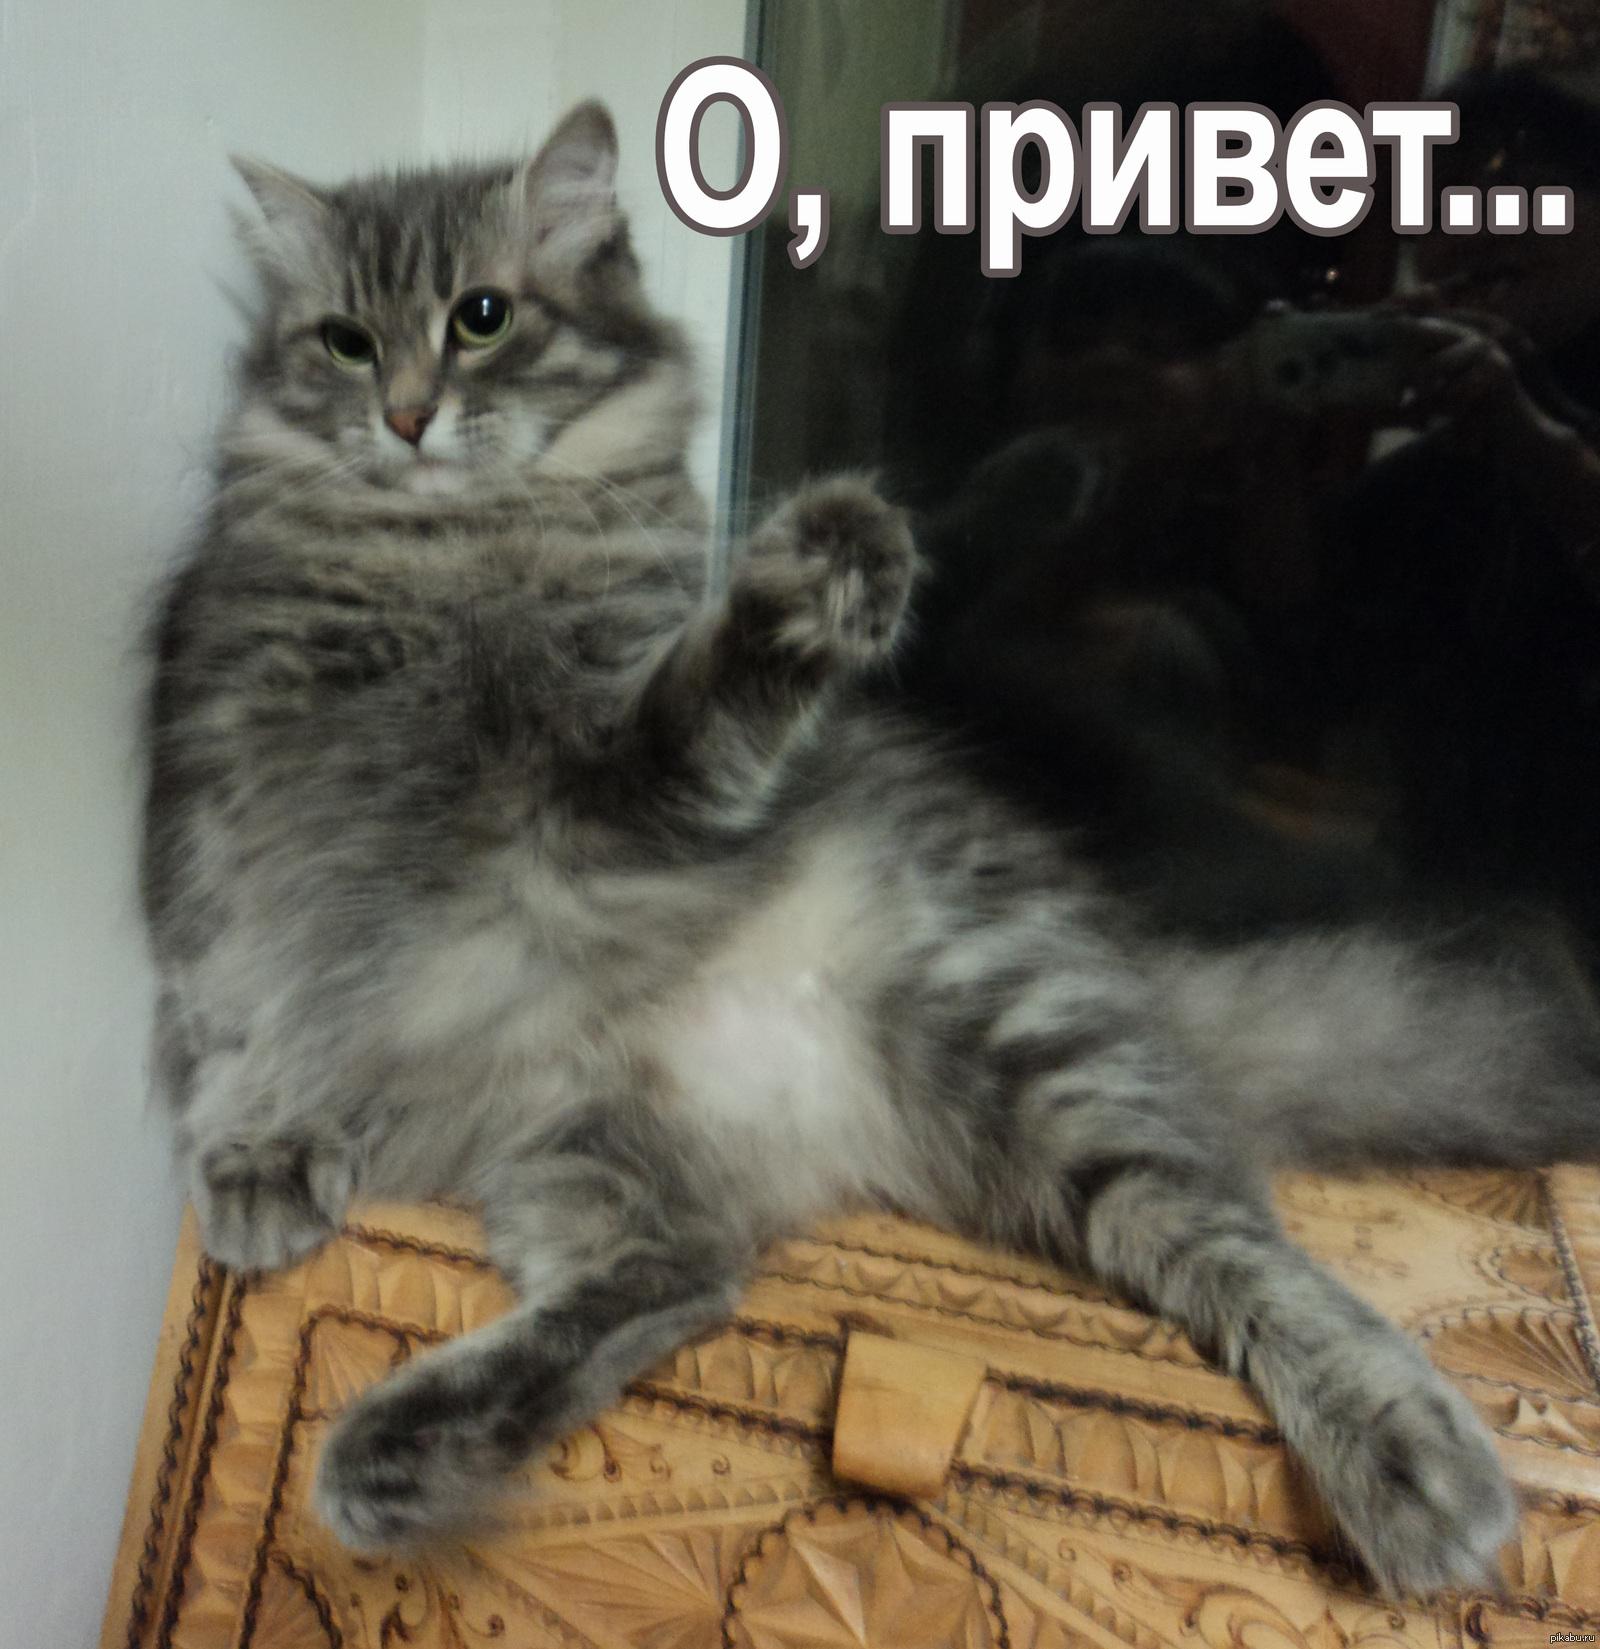 нас кошки картинки с надписью привет драгоценное место, автосервиса